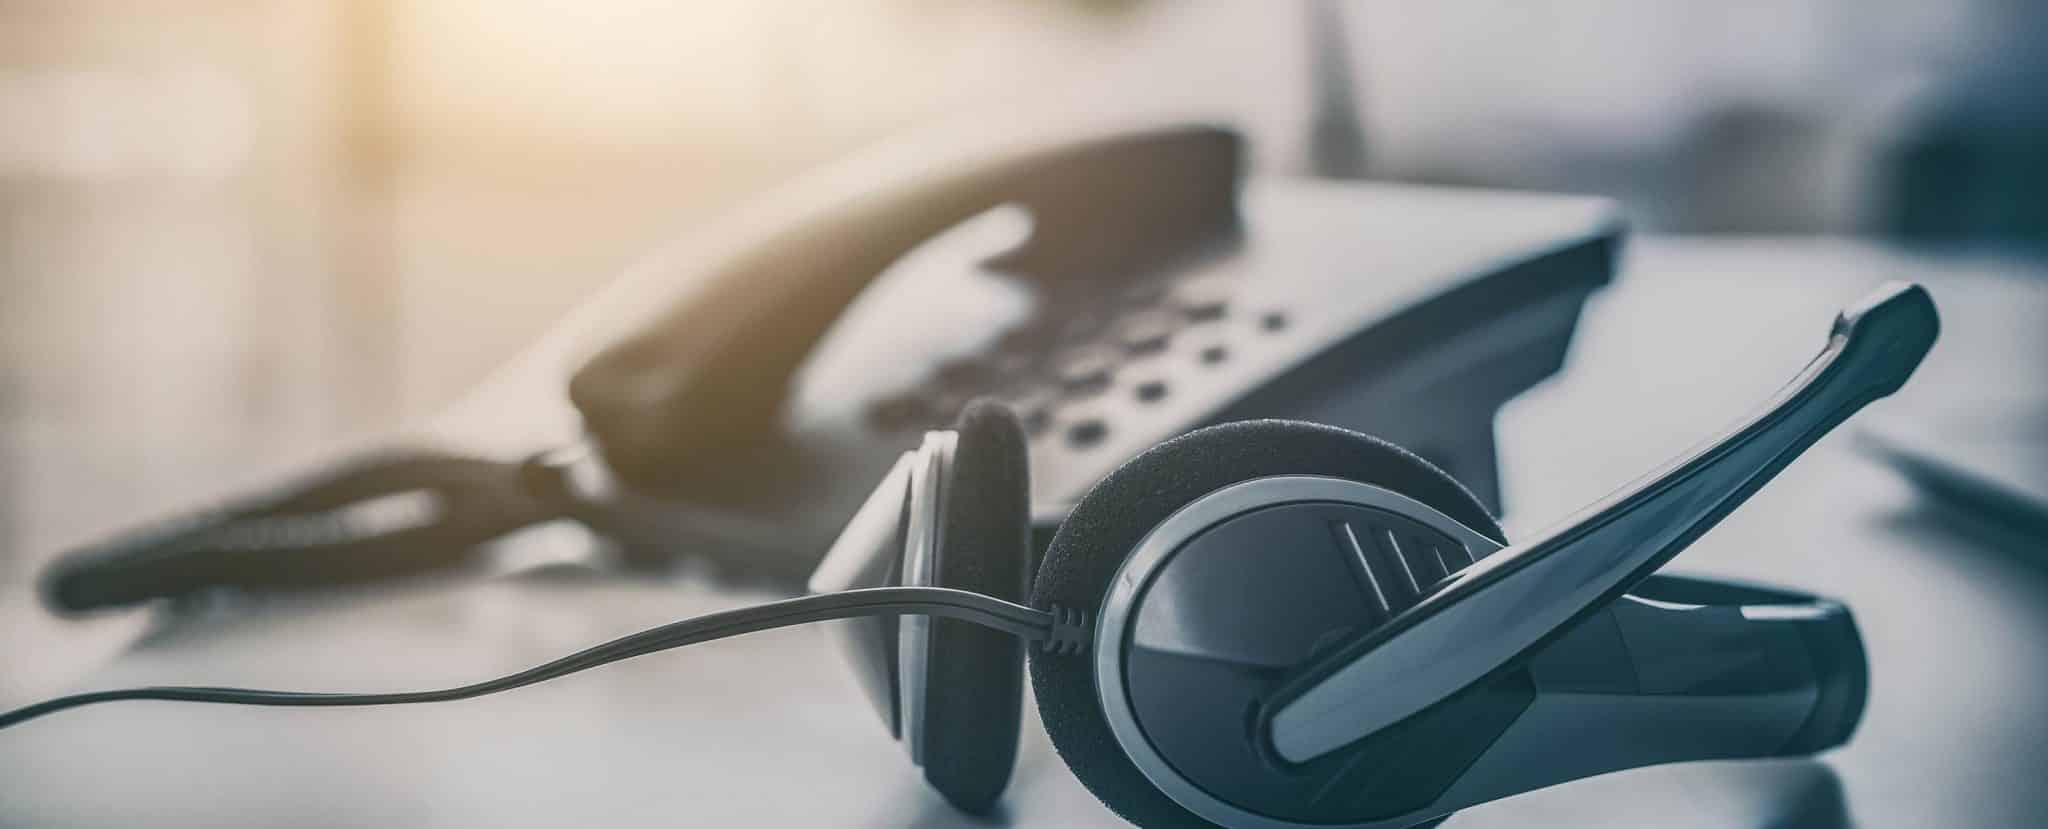 Der richtige Umgang mit Kundenbeschwerden in Hotline, Service und Support